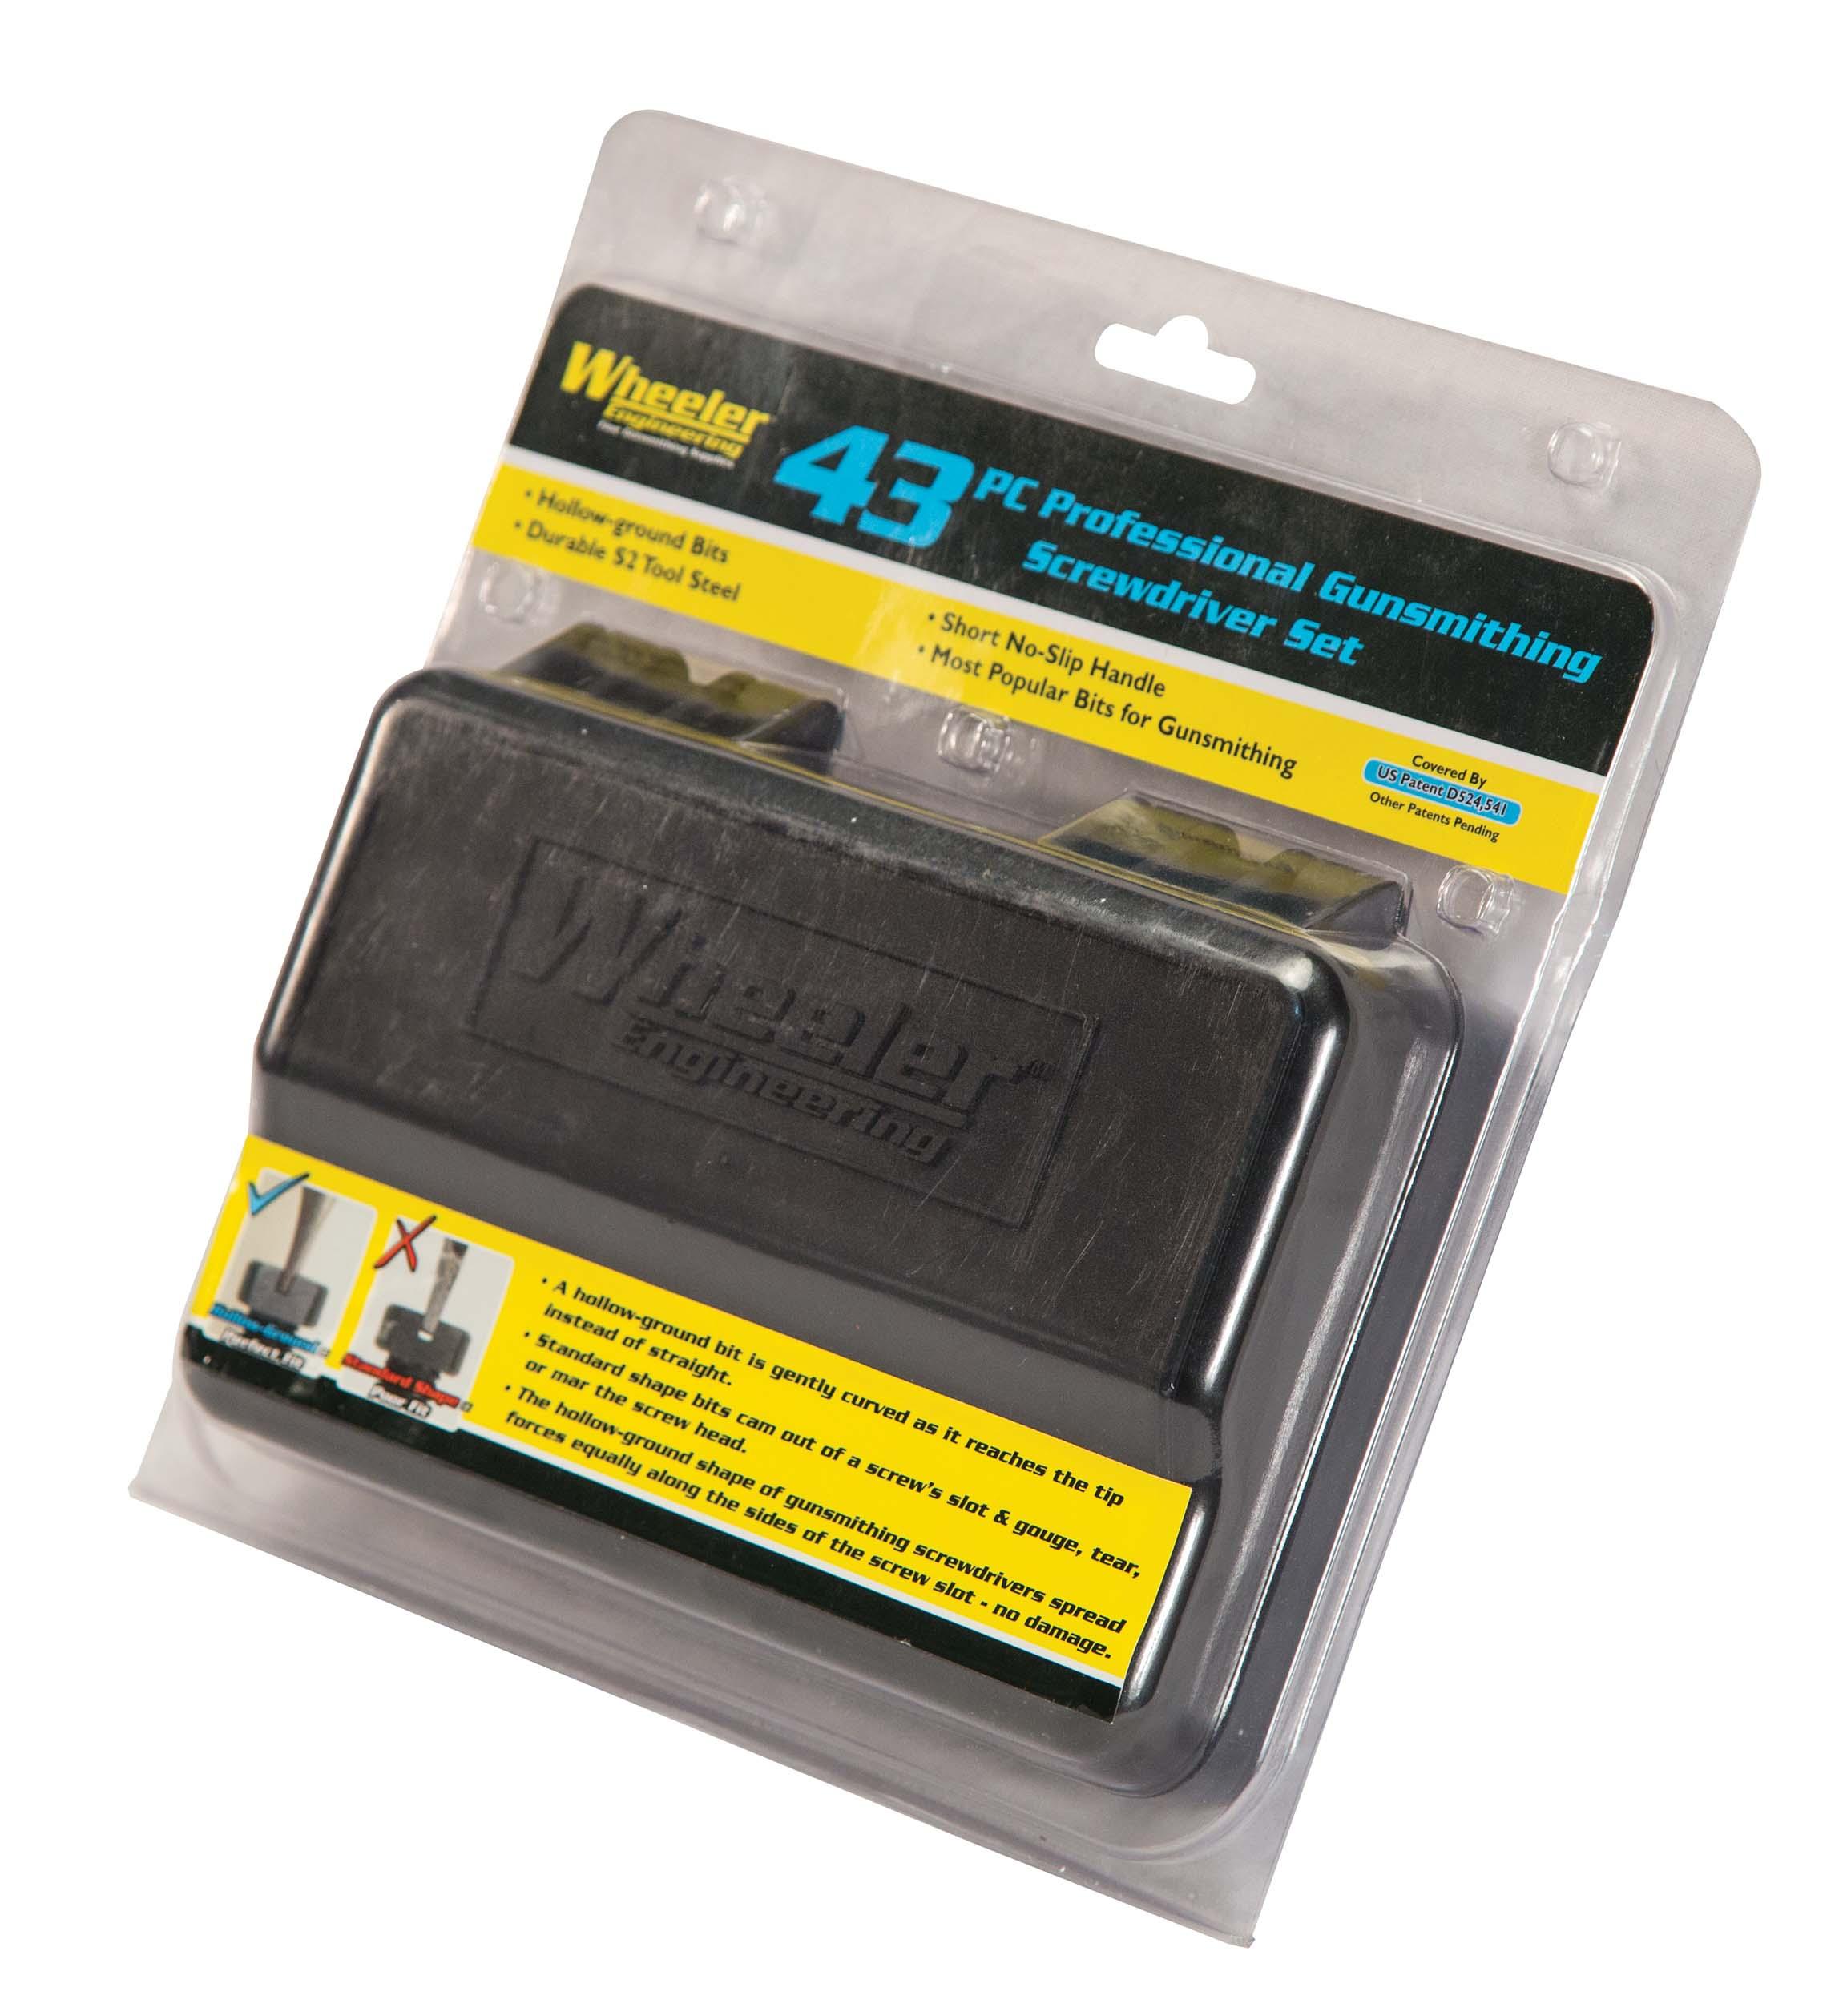 43 Piece Professional Gunsmithing Screwdriver Set - 954621 package